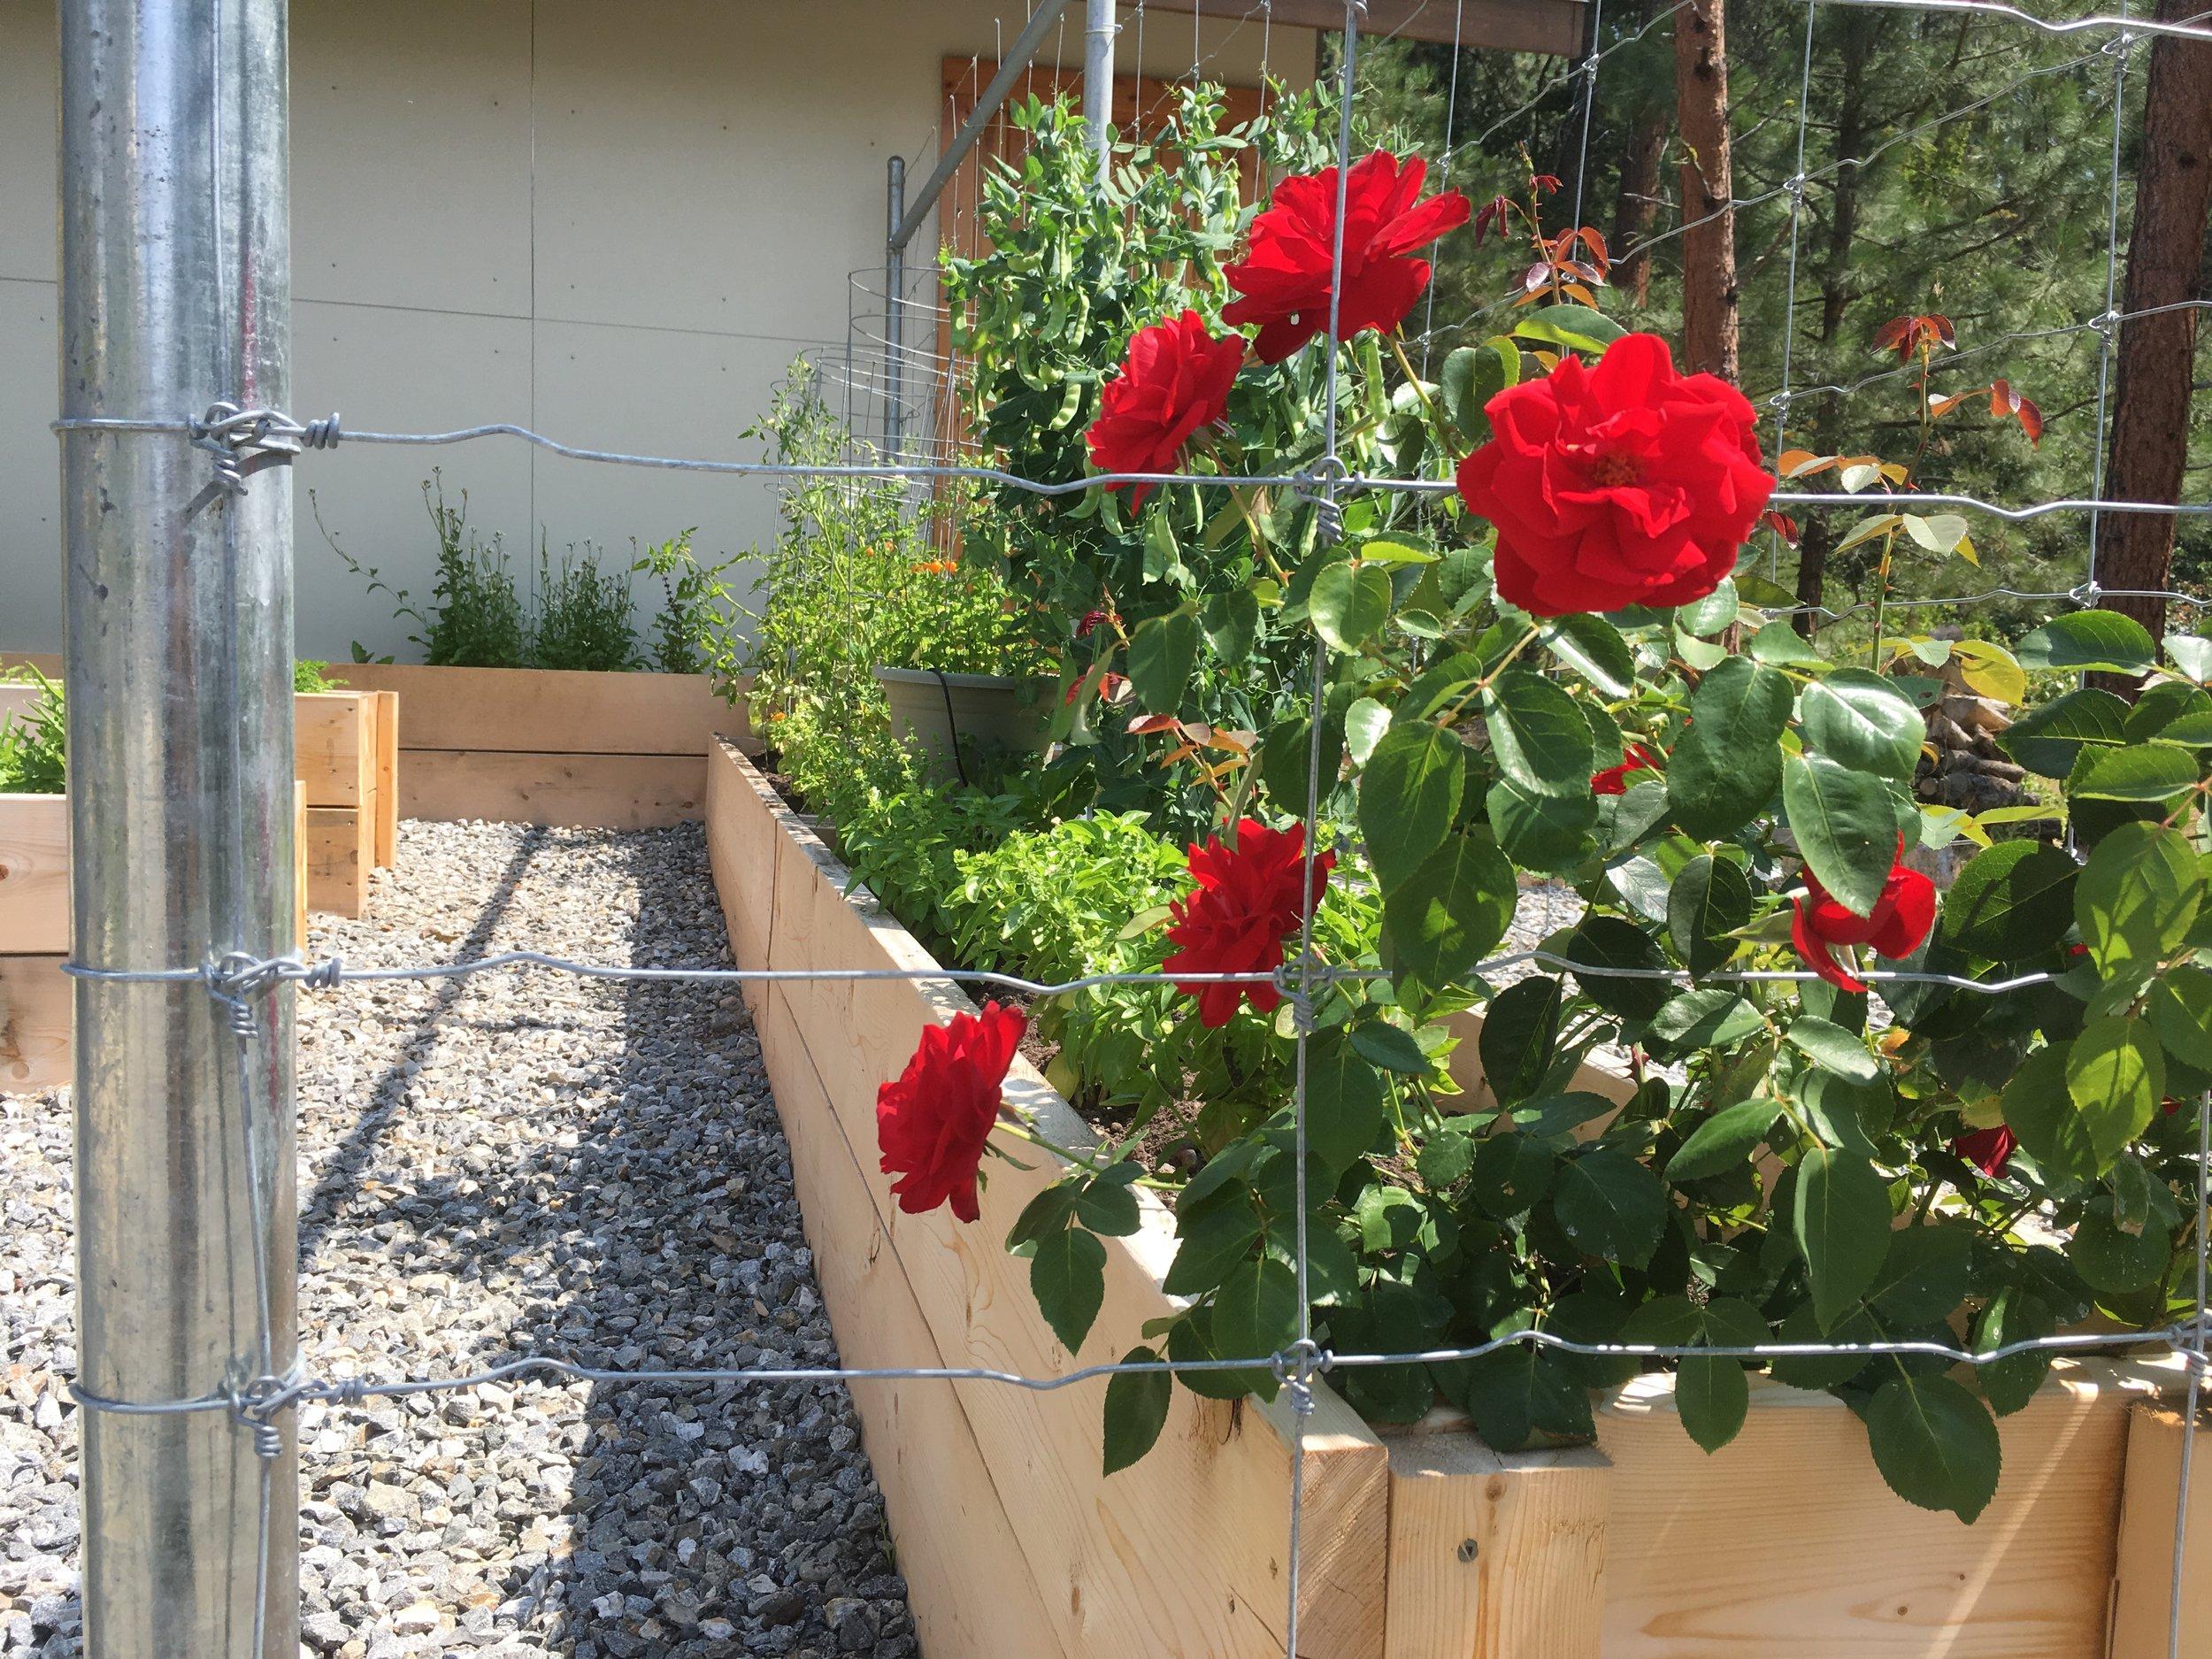 Climbing Rose in edible garden fence